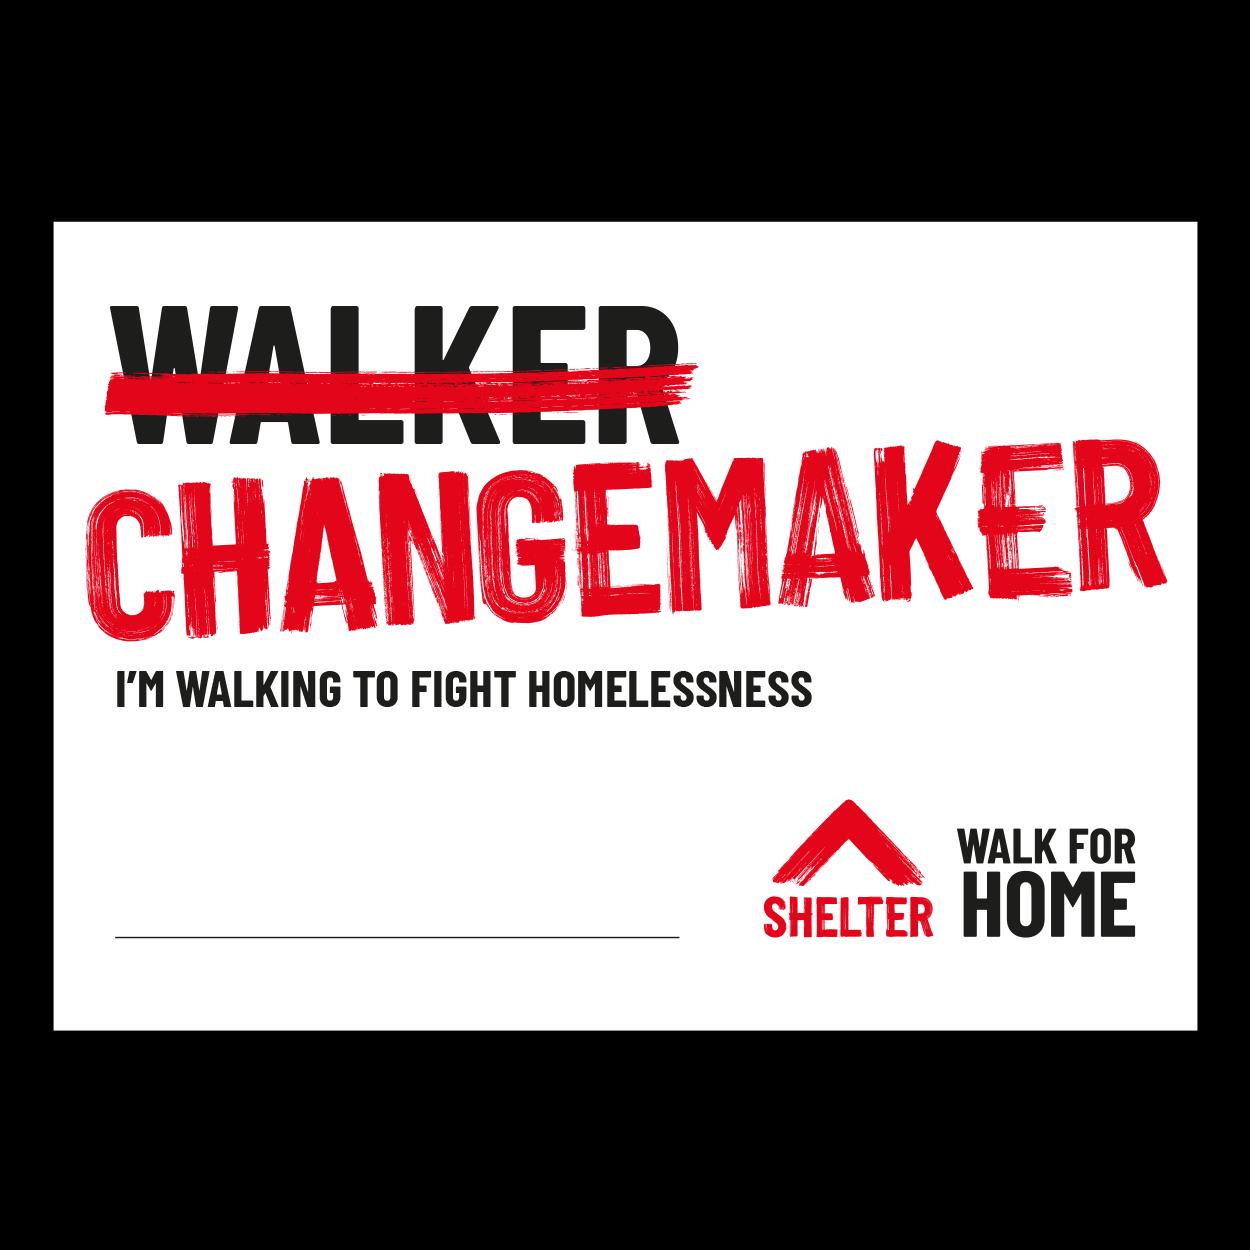 Walker number preview image